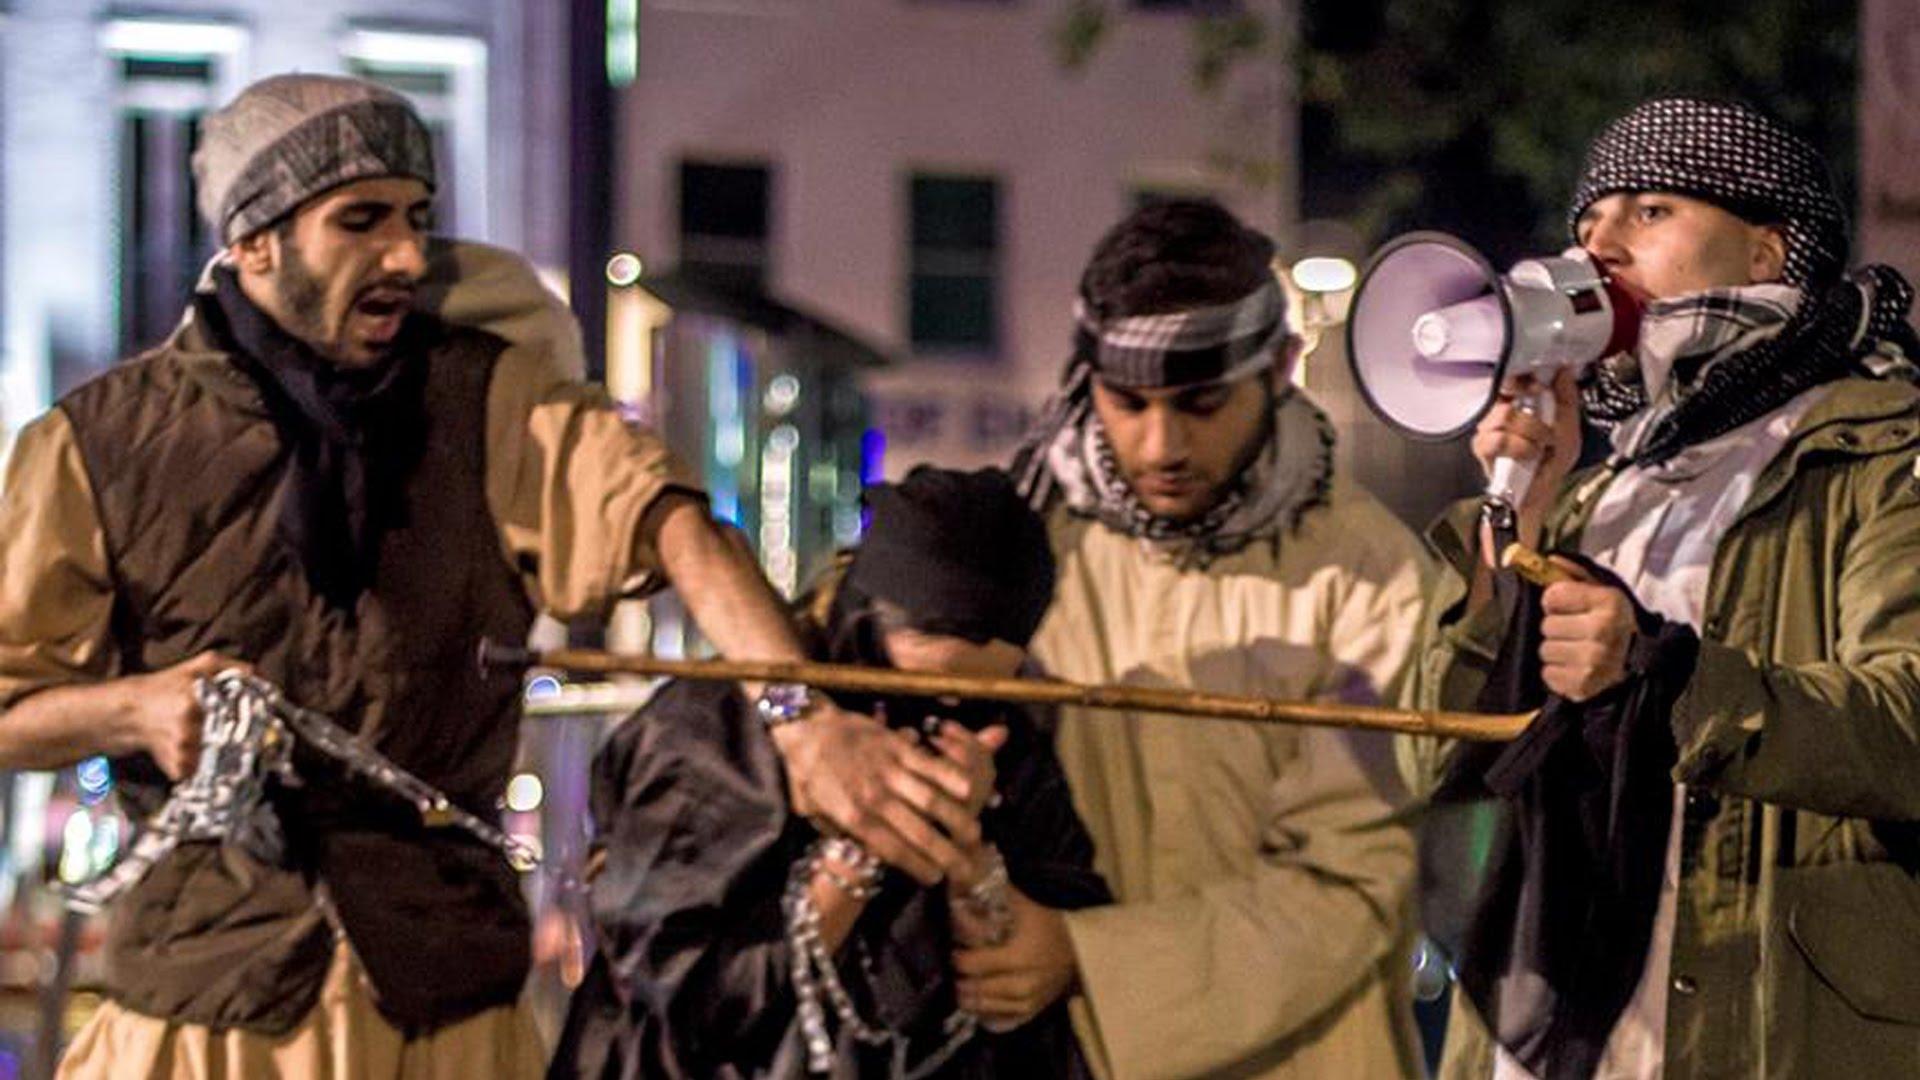 Crucificação, tortura e abuso sexual: o custo de ser cristão sob domínio do Estado Islâmico